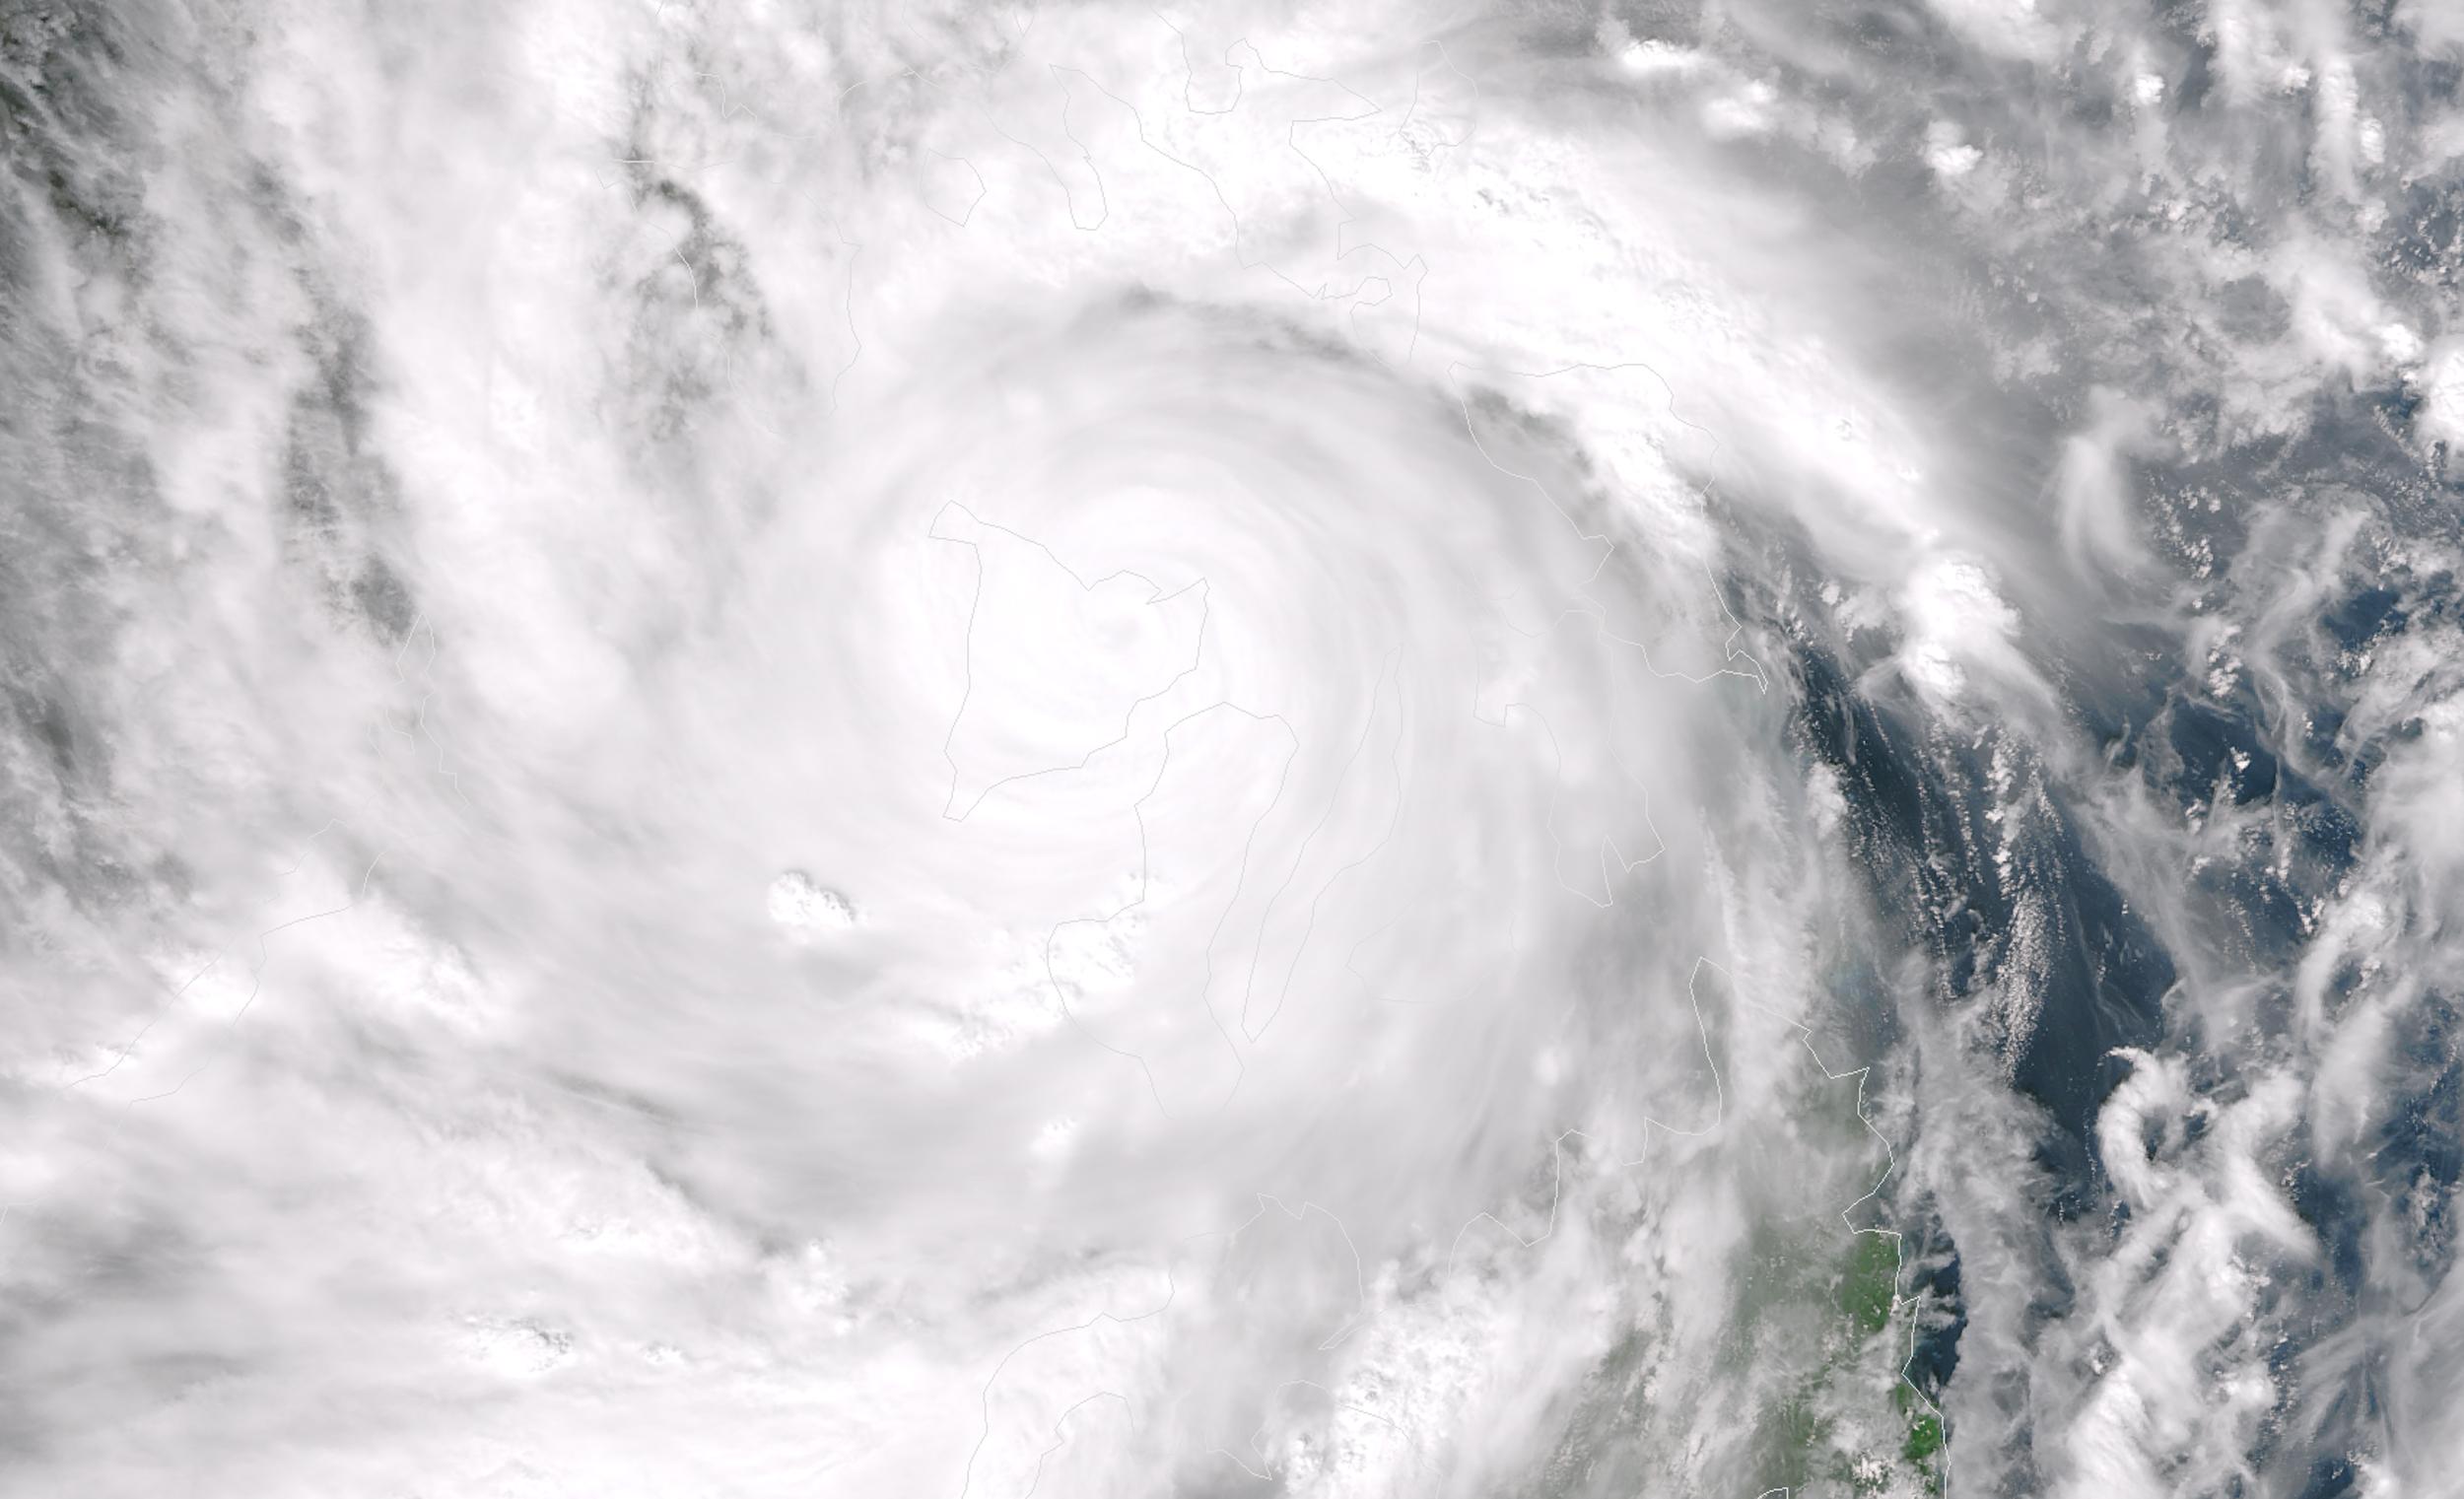 Imagem do tufão fornecida pela NASA